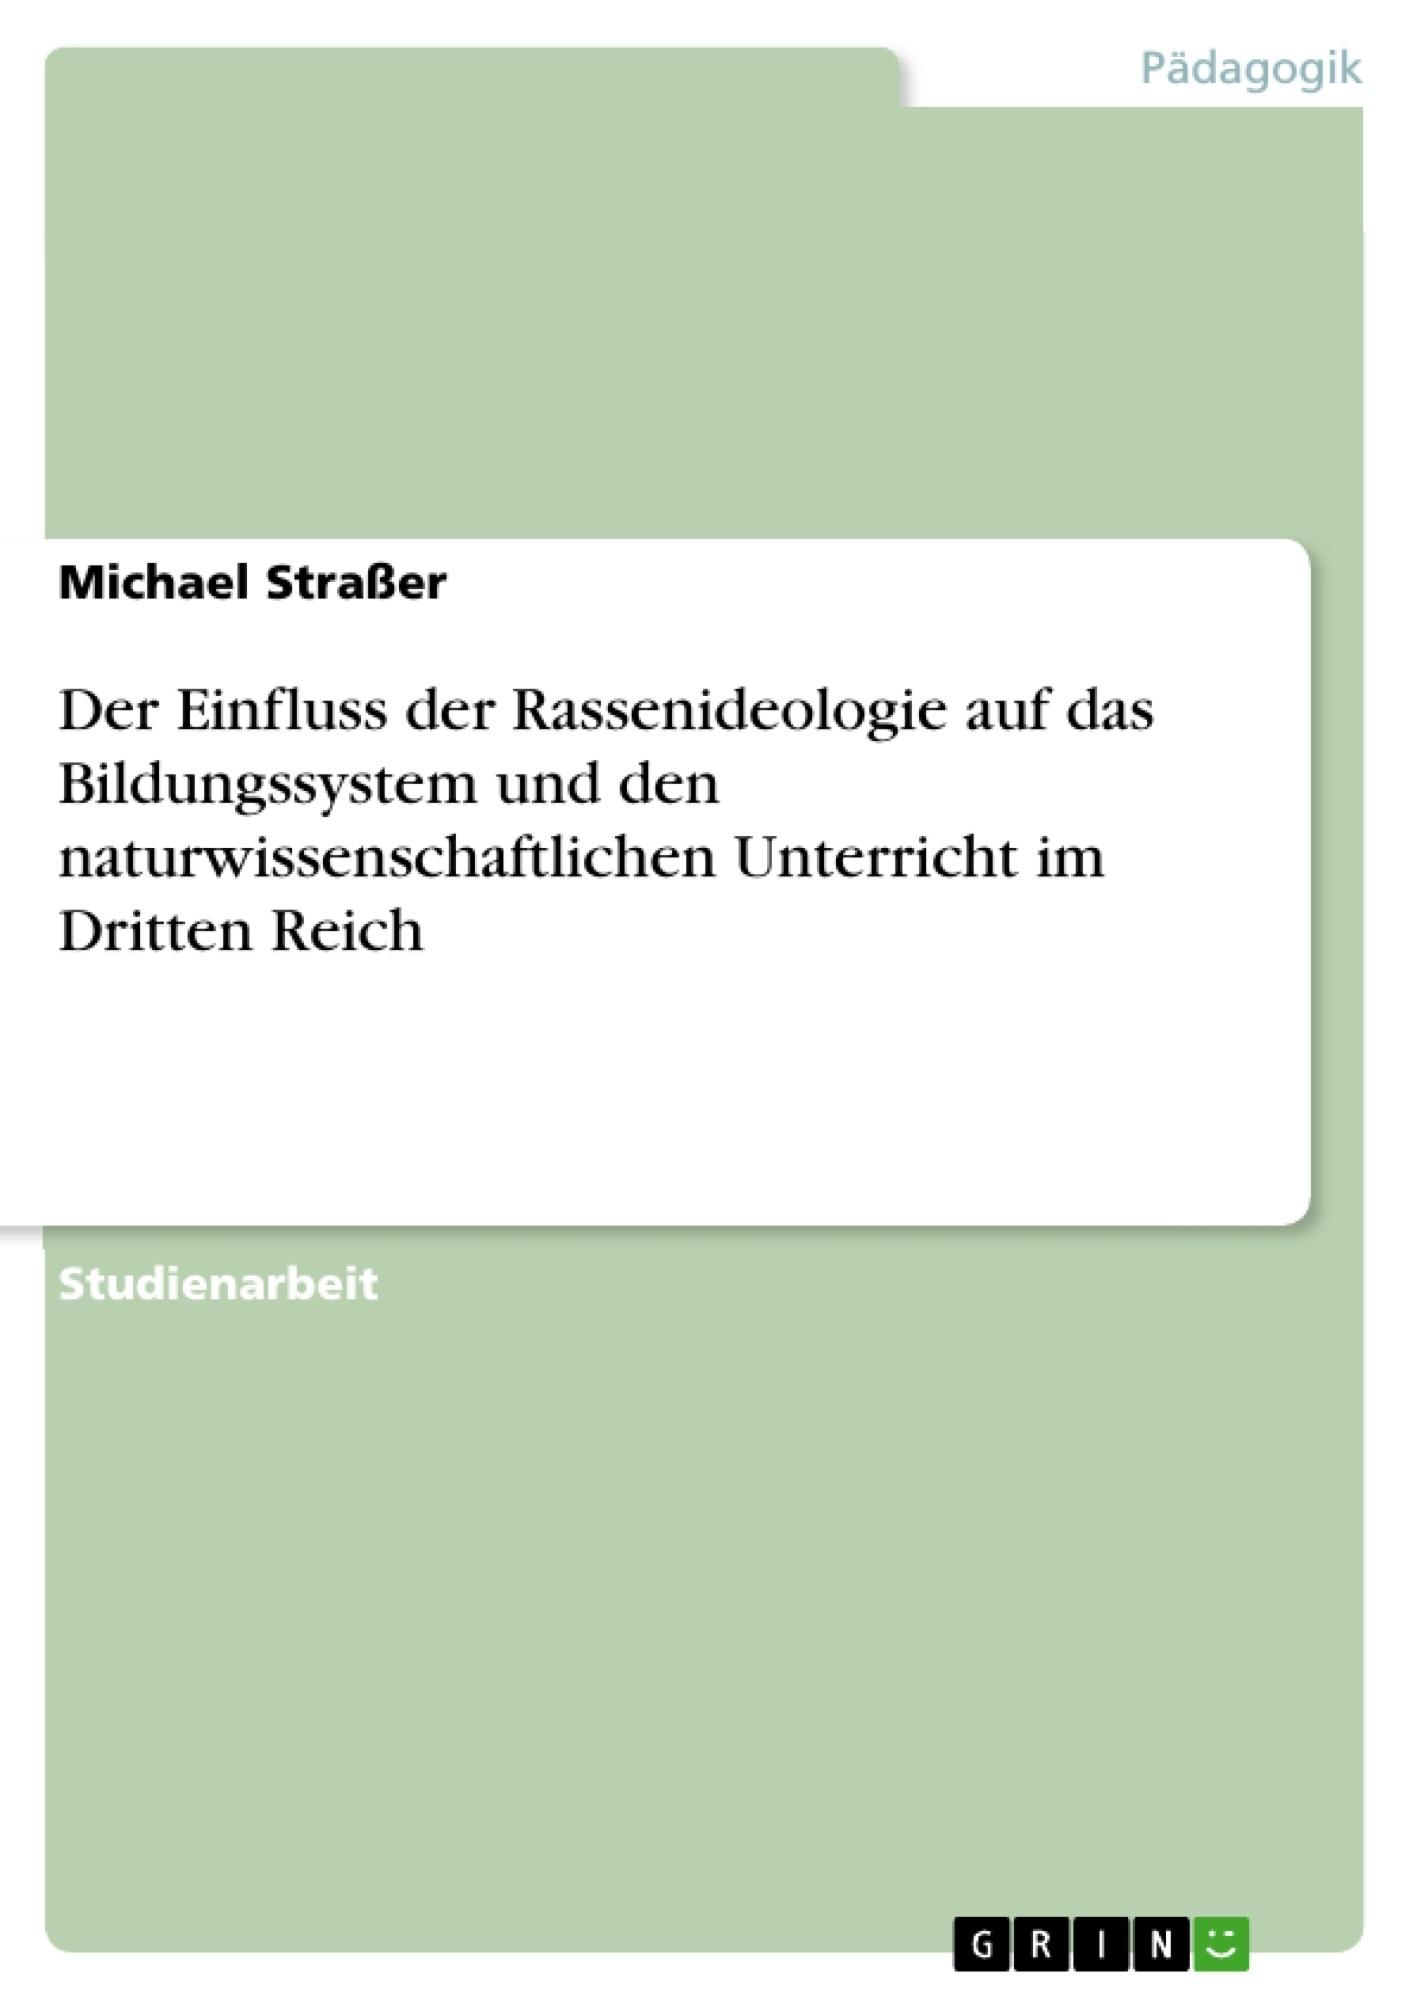 Titel: Der Einfluss der Rassenideologie auf das Bildungssystem und den naturwissenschaftlichen Unterricht im Dritten Reich